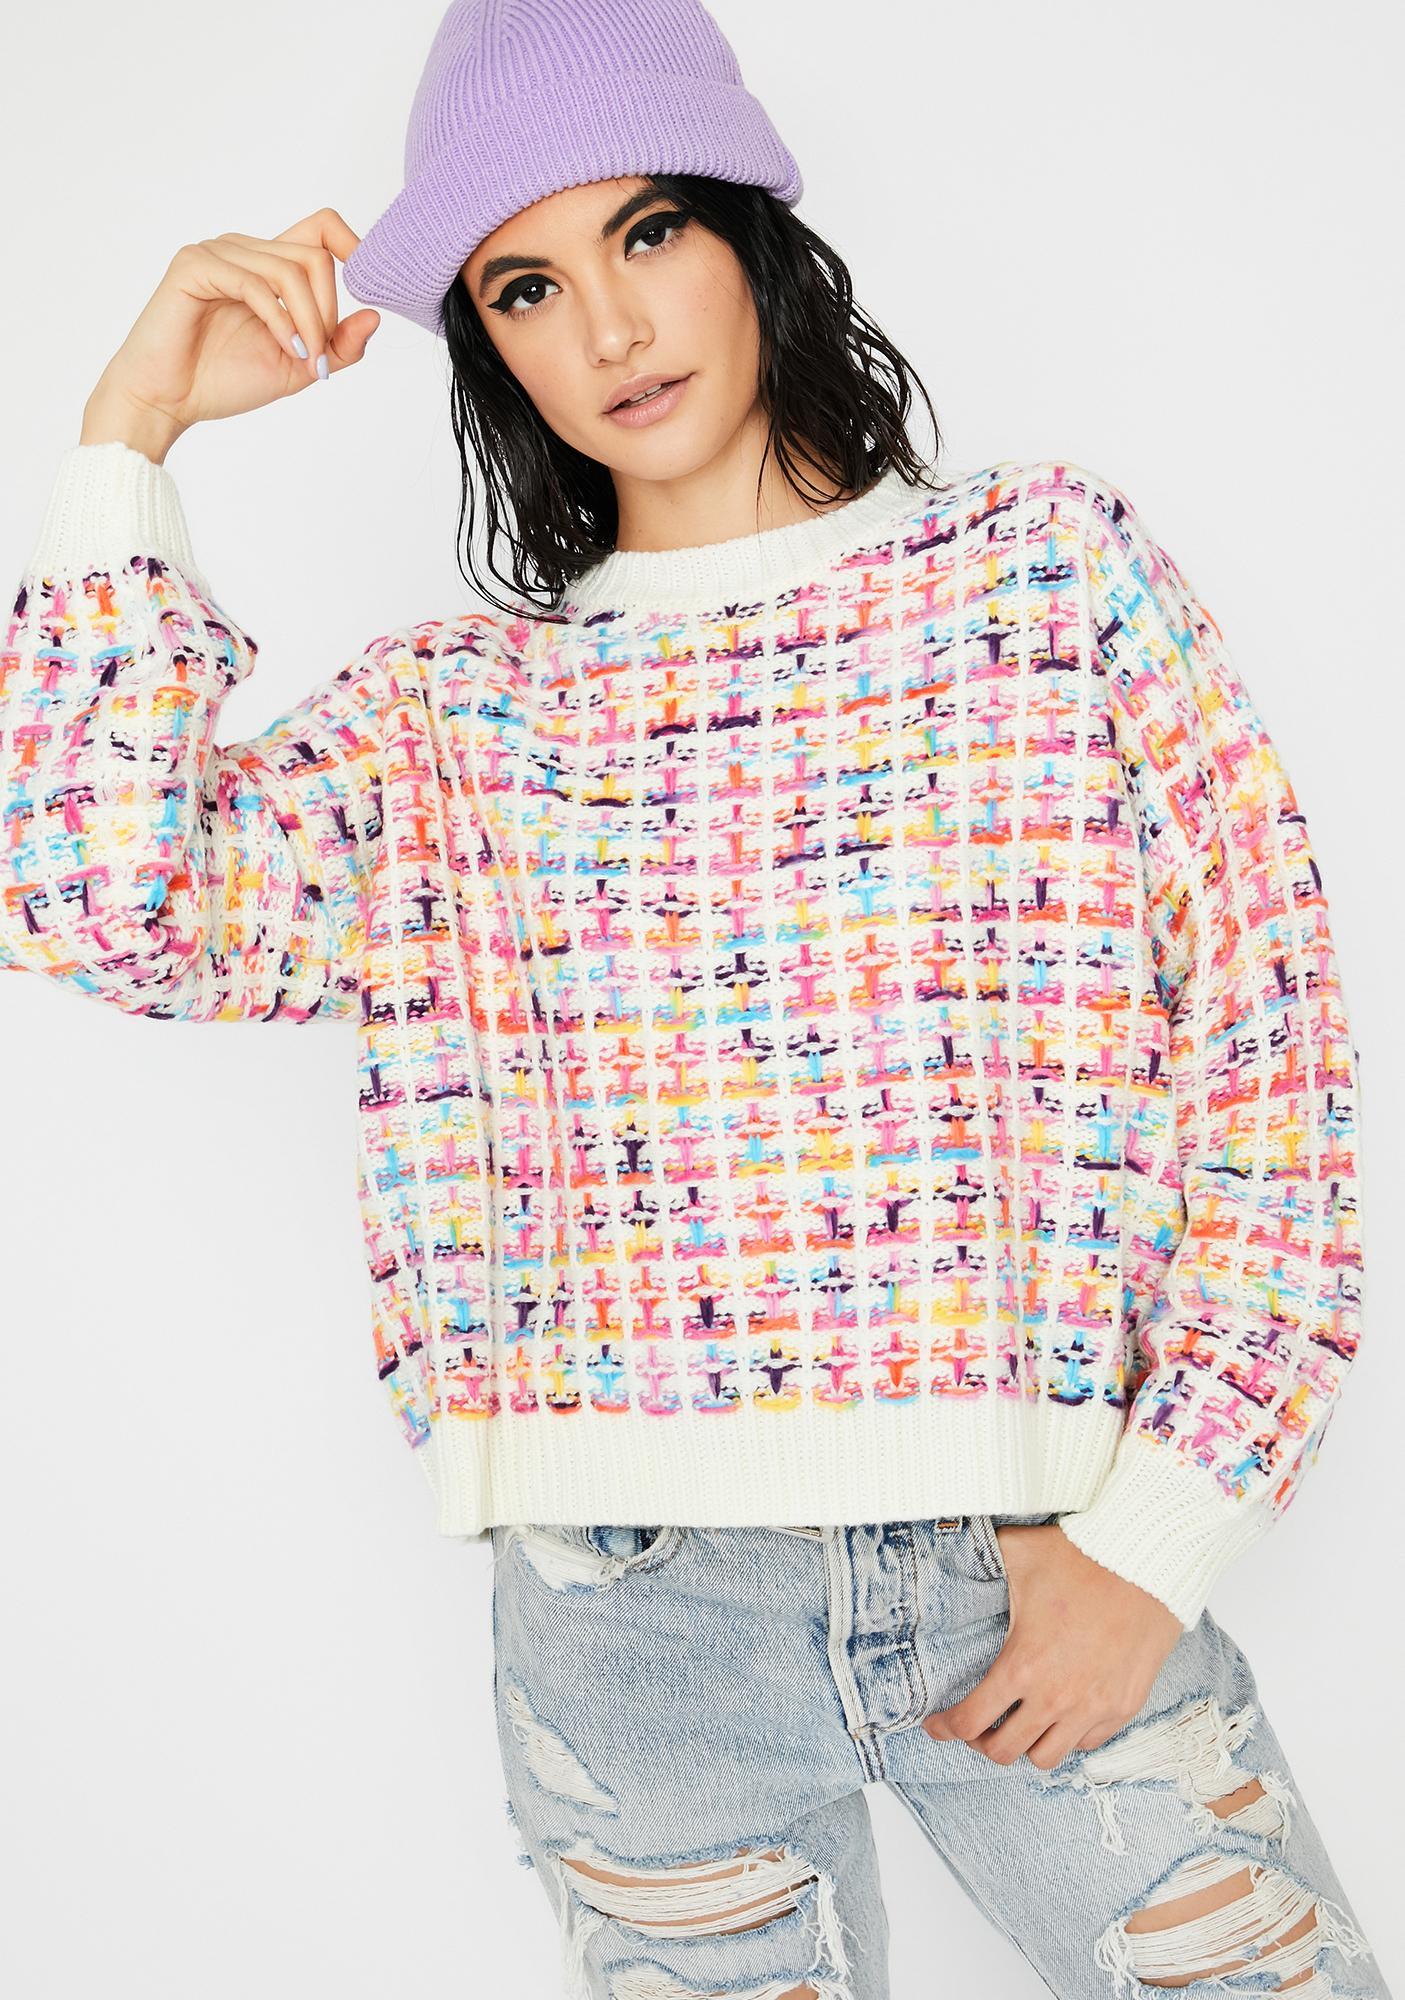 Vanilla Feelin' Alright Knit Sweater